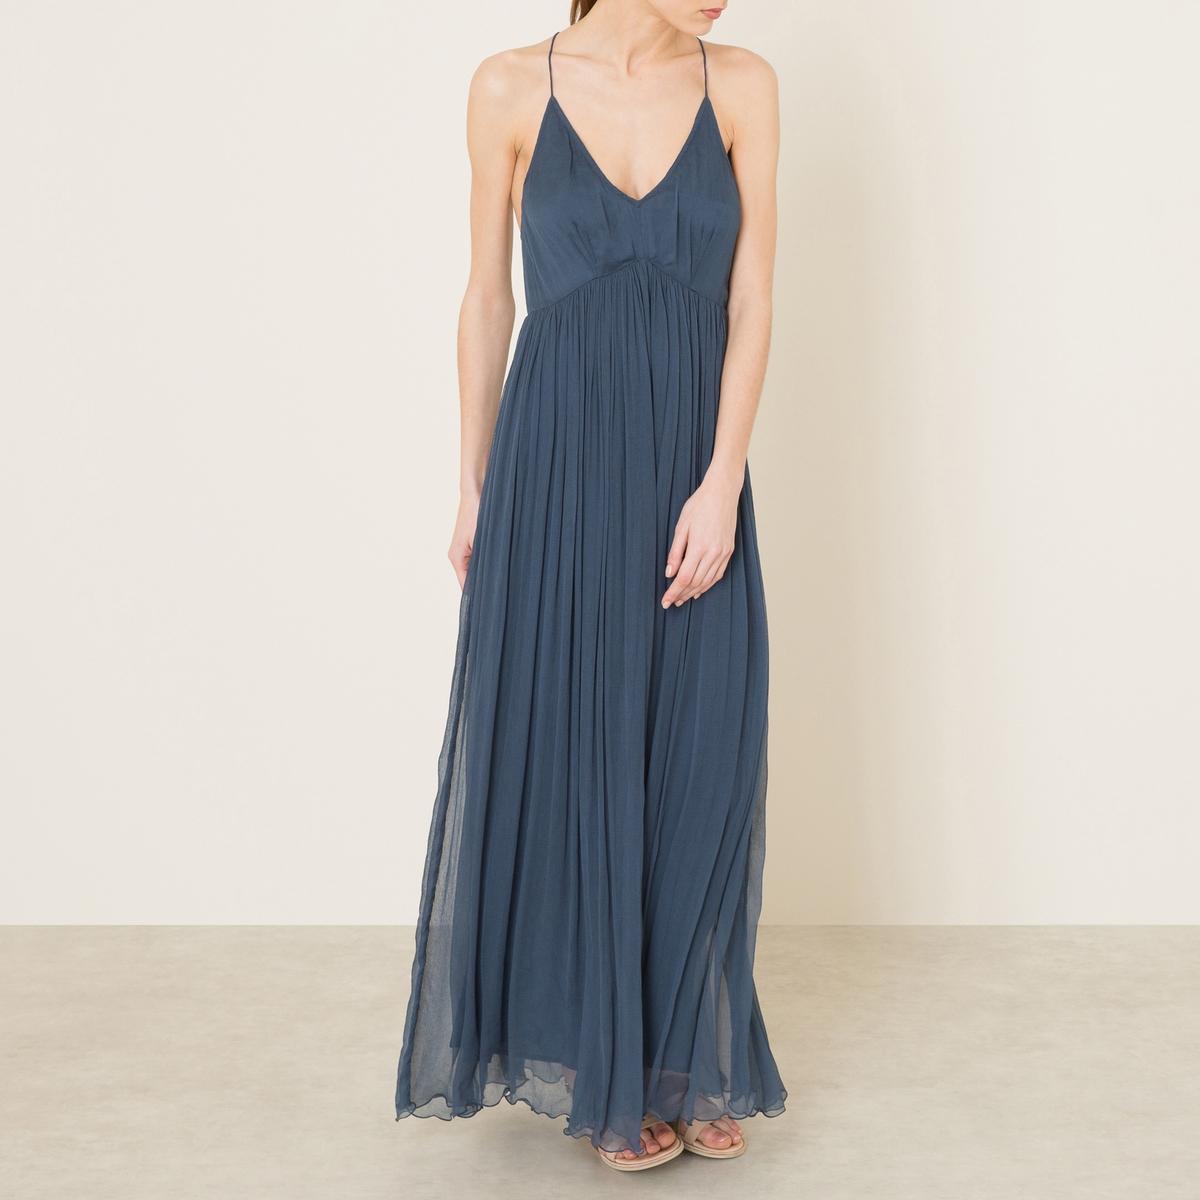 Платье CALICEСостав и описание Материал : 100% вискозаДлина : ок.145 см. для размера 36Марка : MES DEMOISELLES<br><br>Цвет: телесный,темно-синий